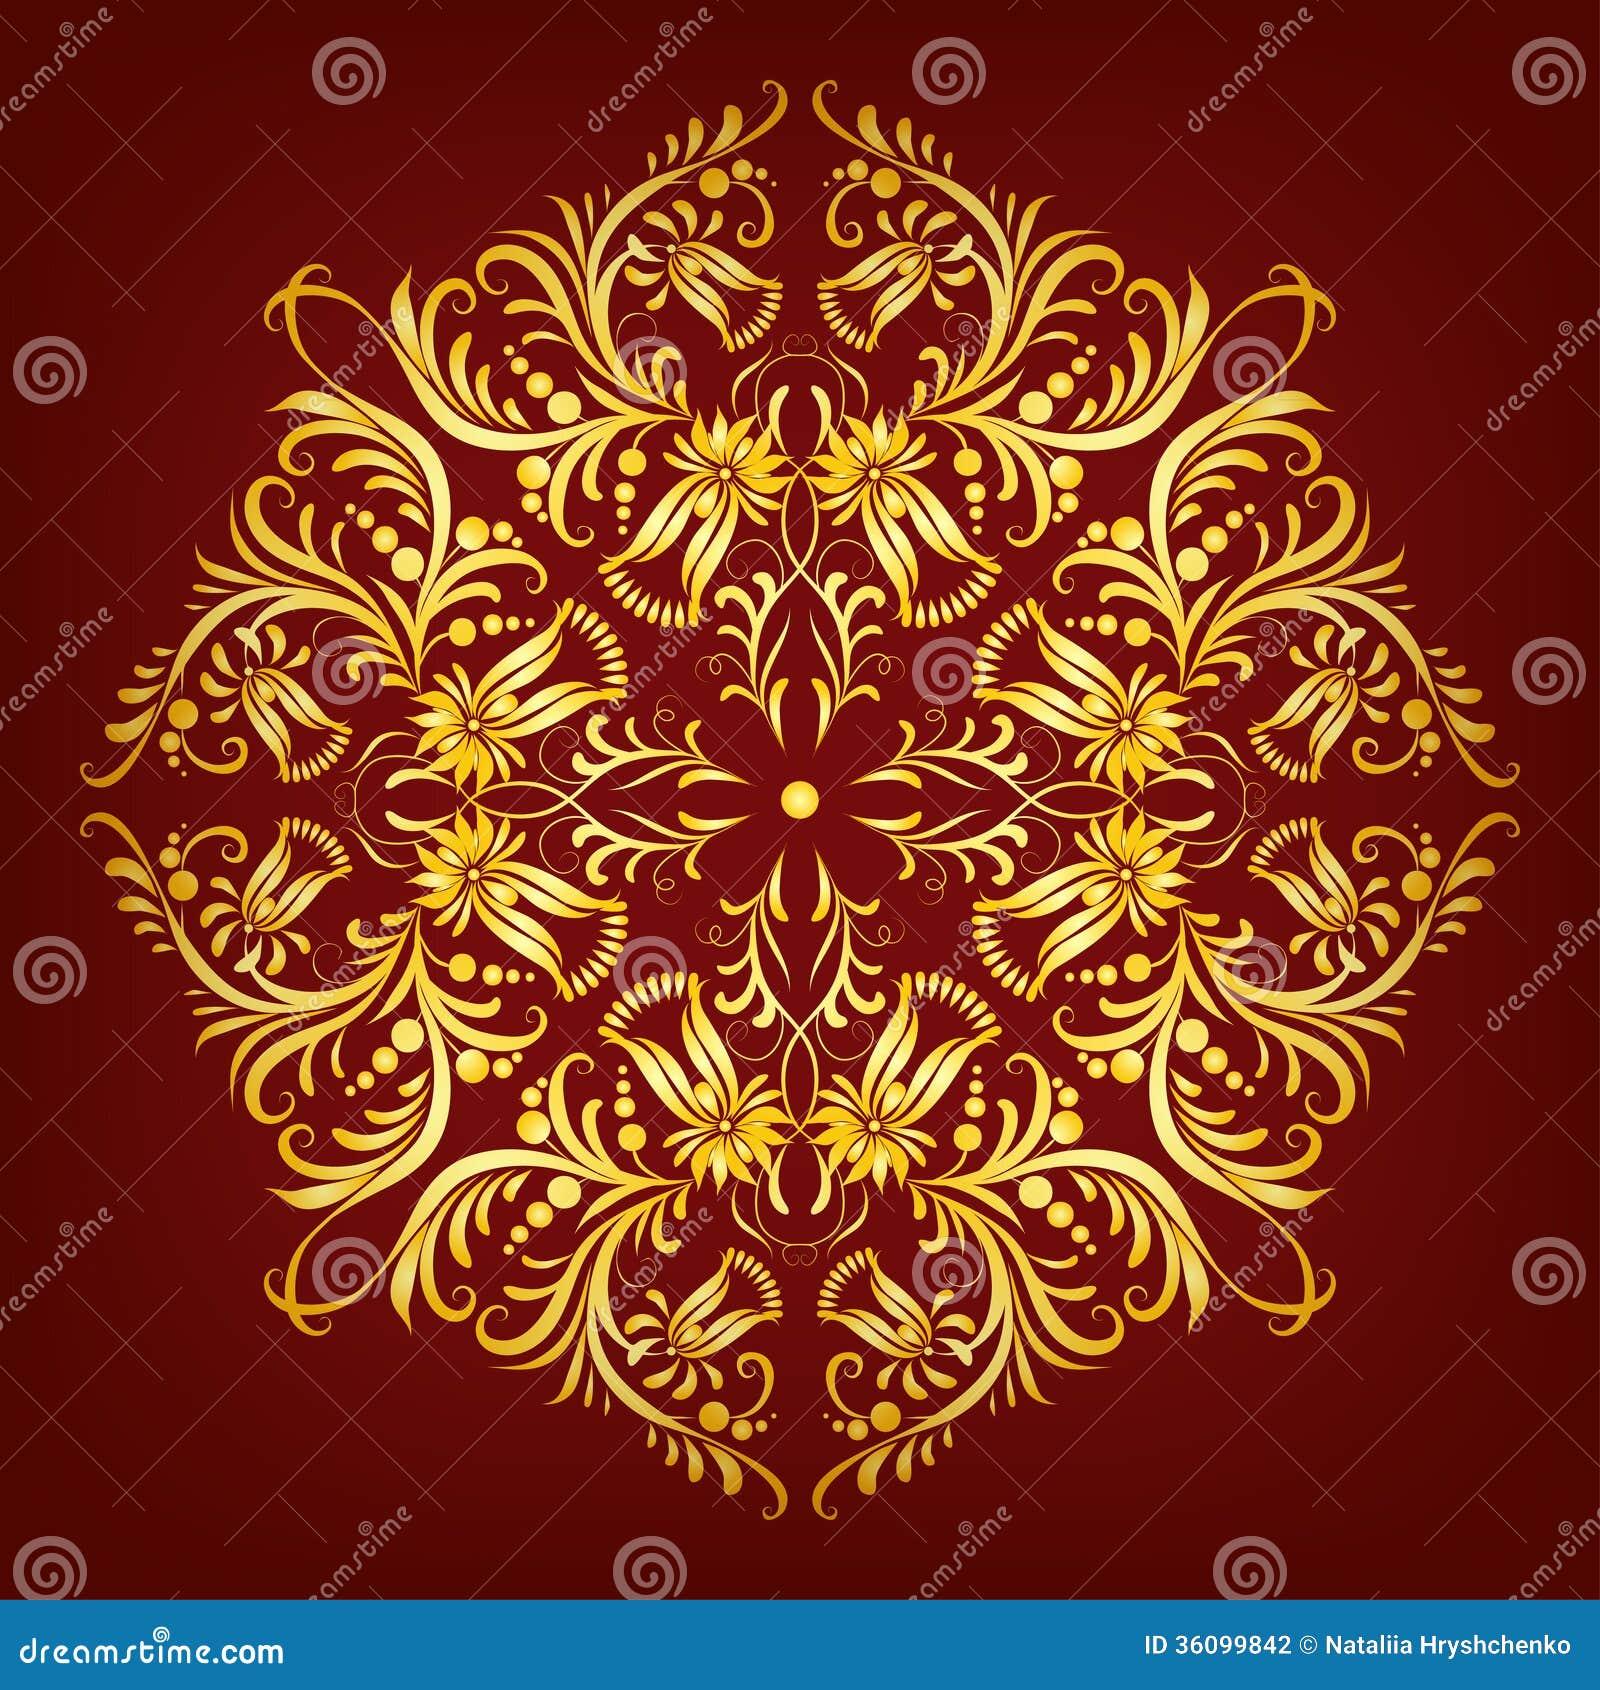 elegant filigree background with - photo #3